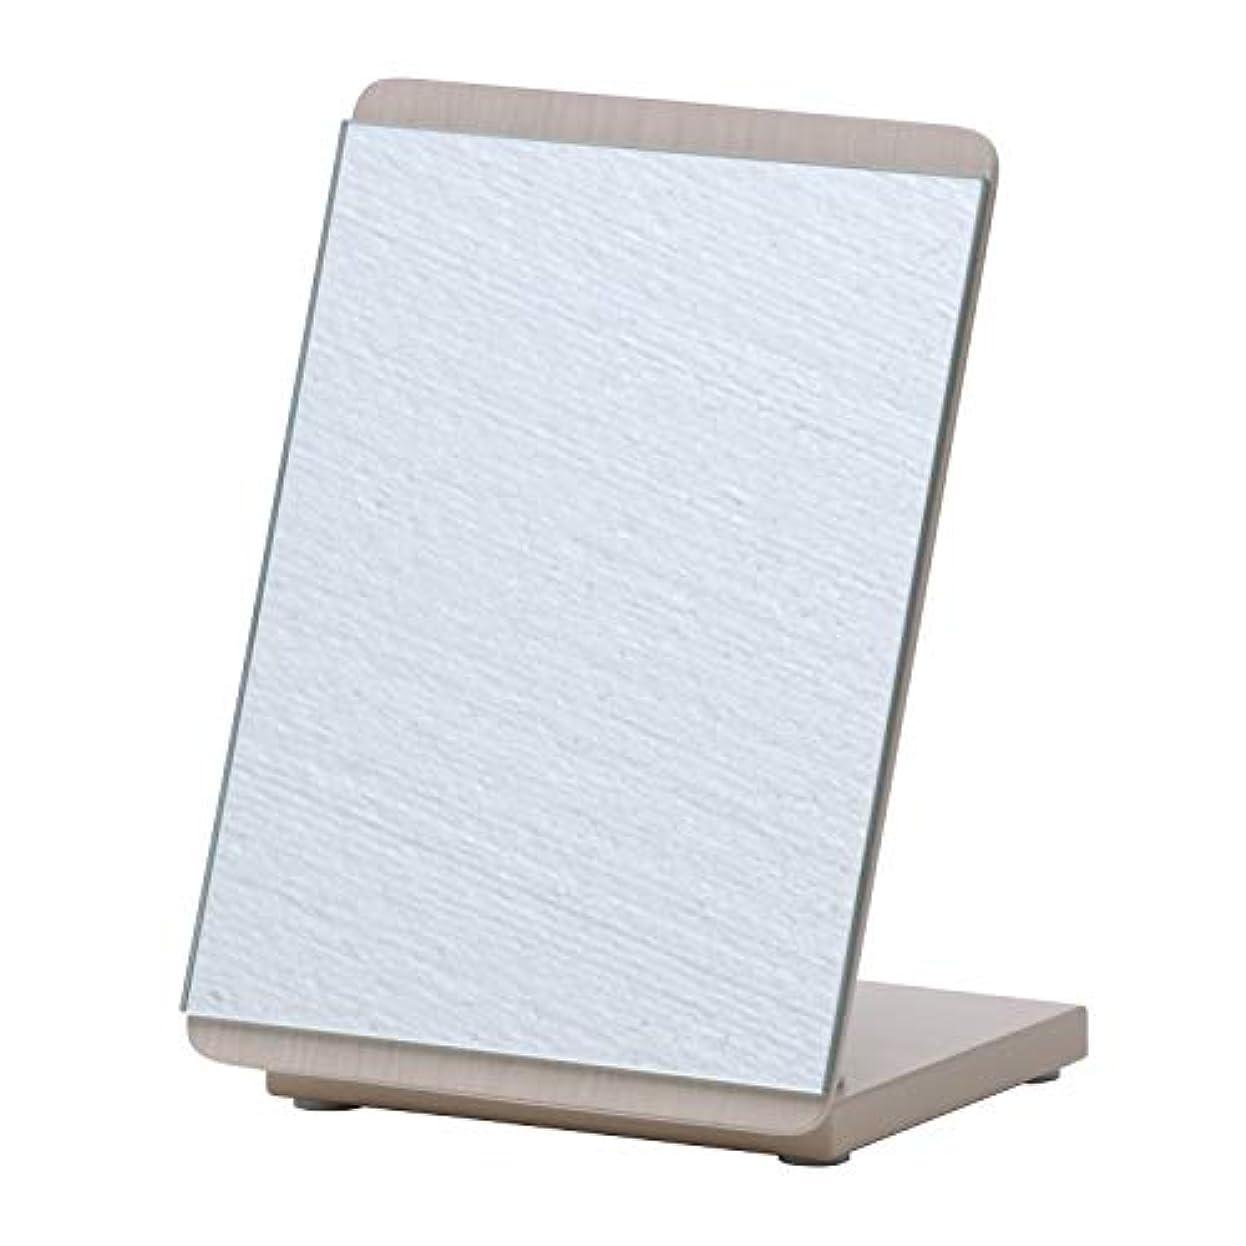 アクセントスイッチ仮定不二貿易(Fujiboeki) ミラー 木彫ホワイトウォッシュ 幅16×高さ22cm カラーミラー 卓上 ロセット 14429